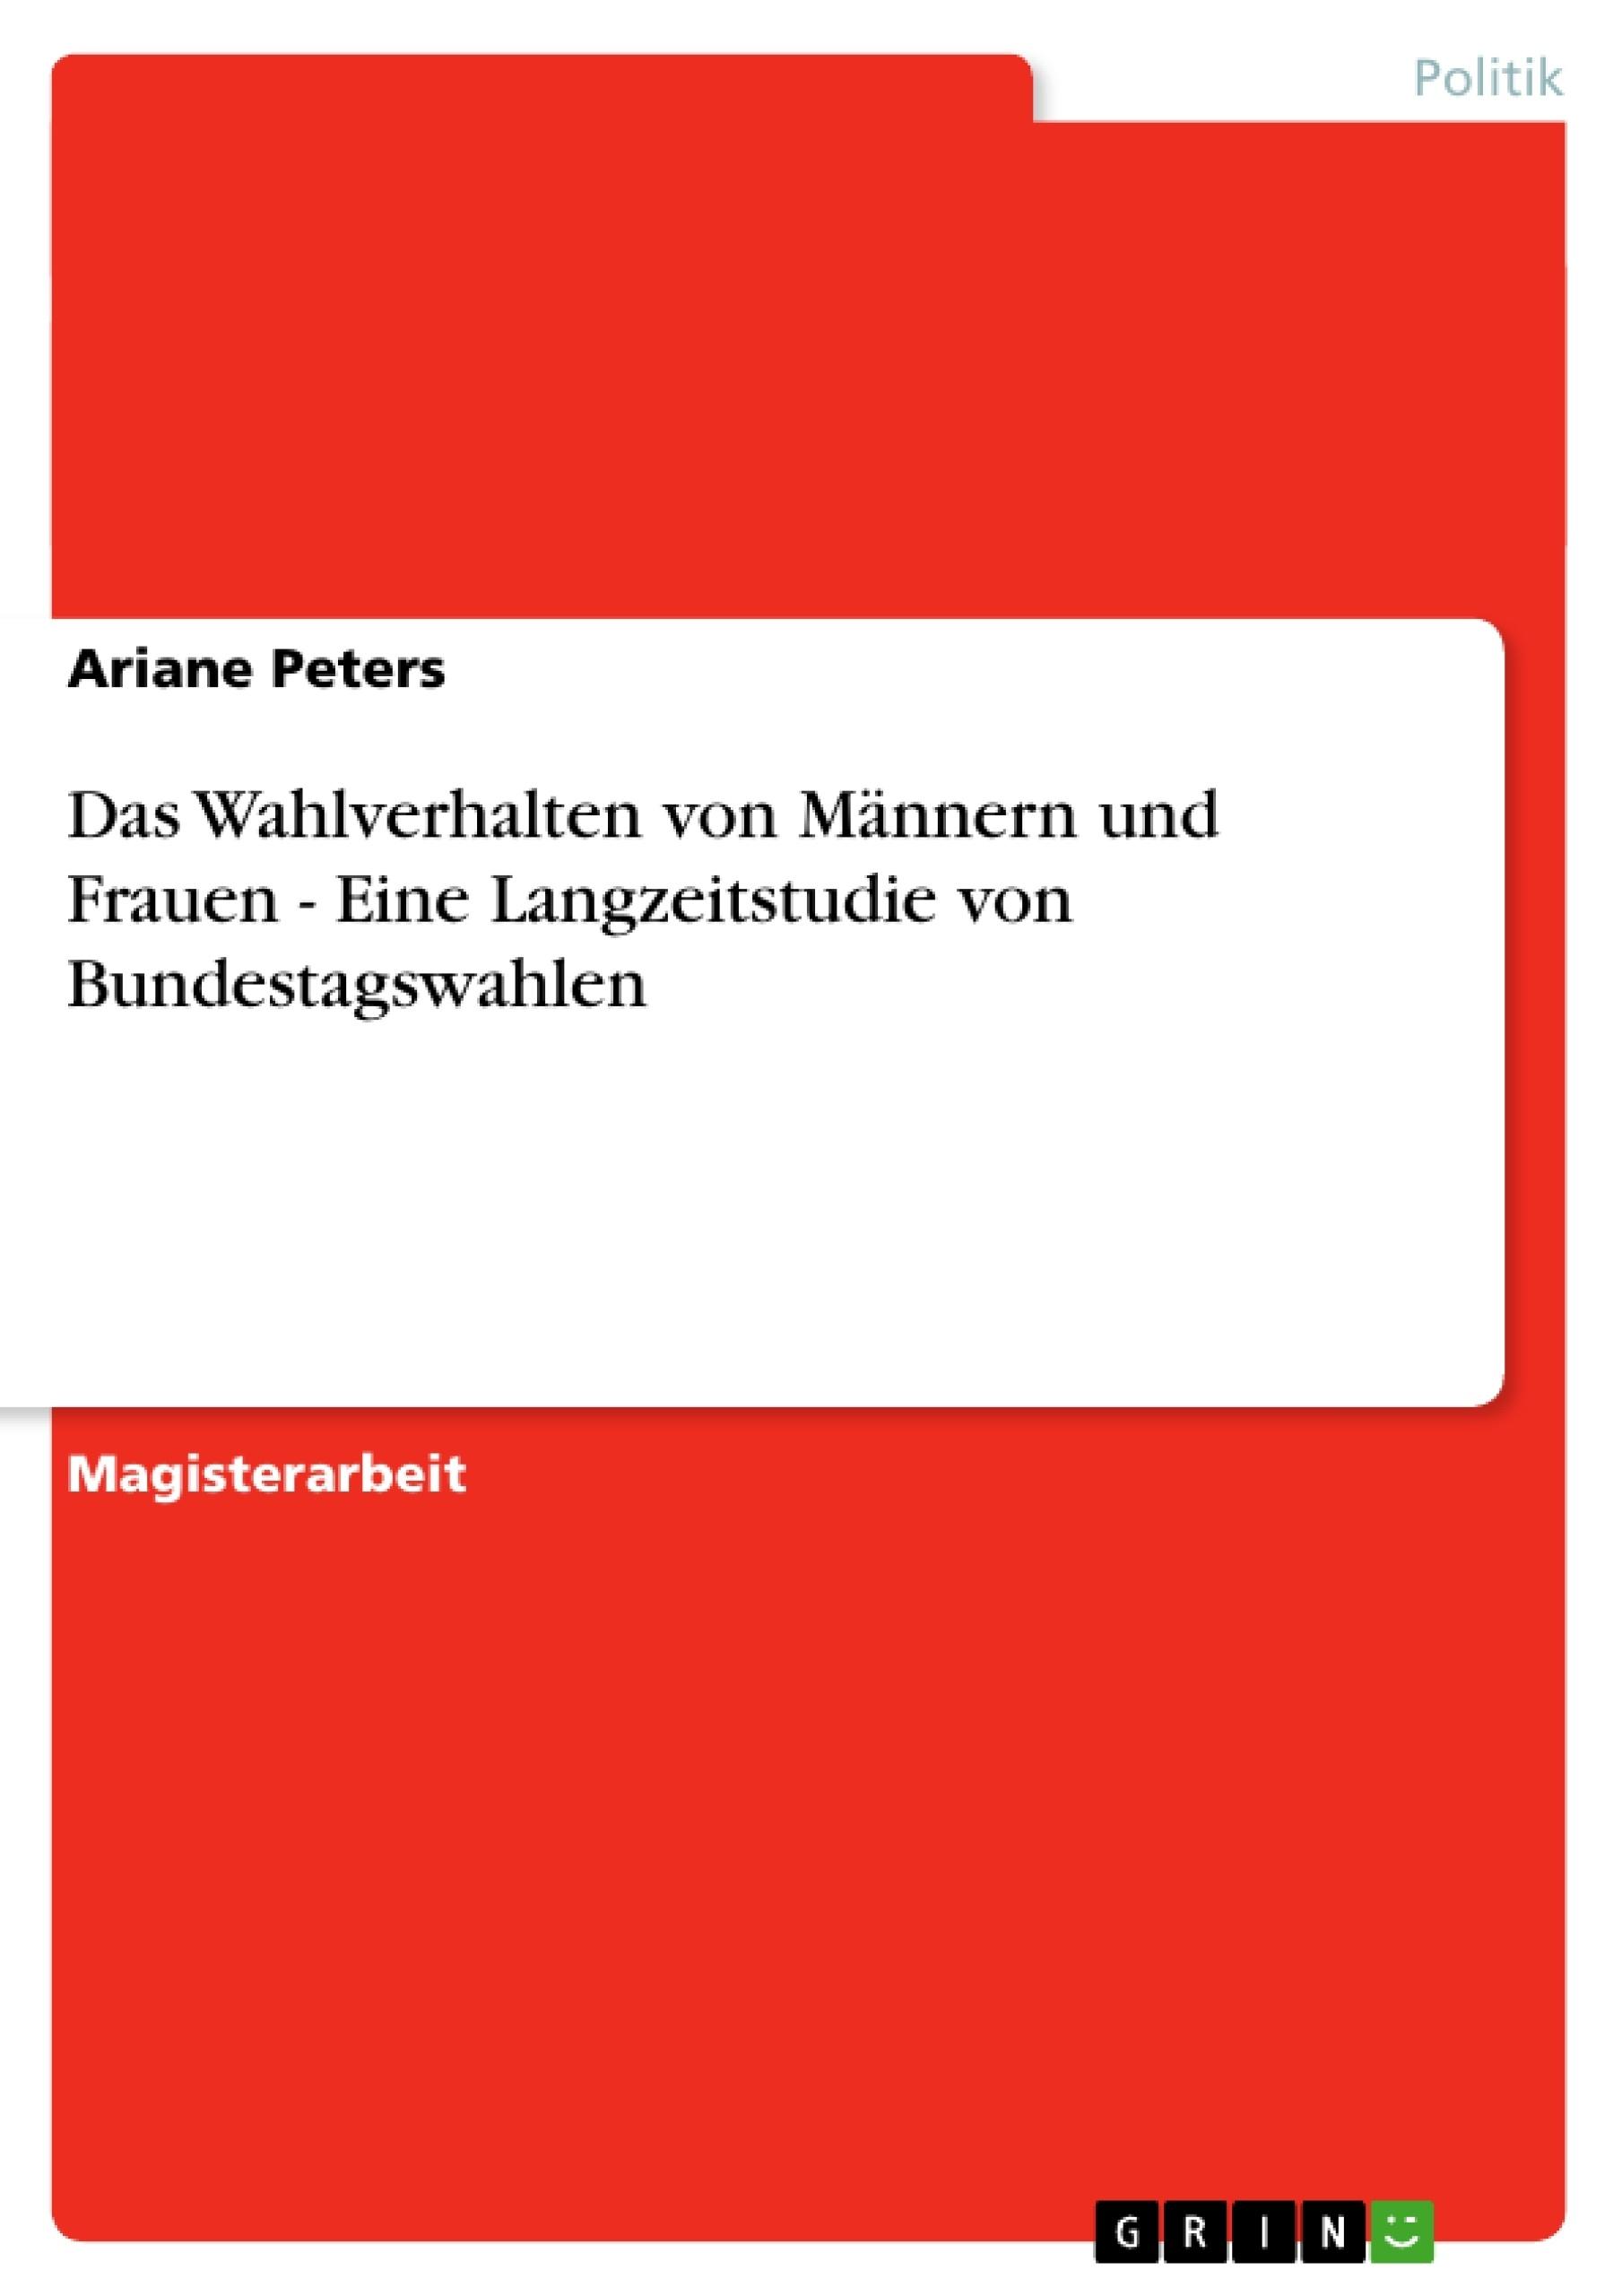 Titel: Das Wahlverhalten von Männern und Frauen  - Eine Langzeitstudie von Bundestagswahlen